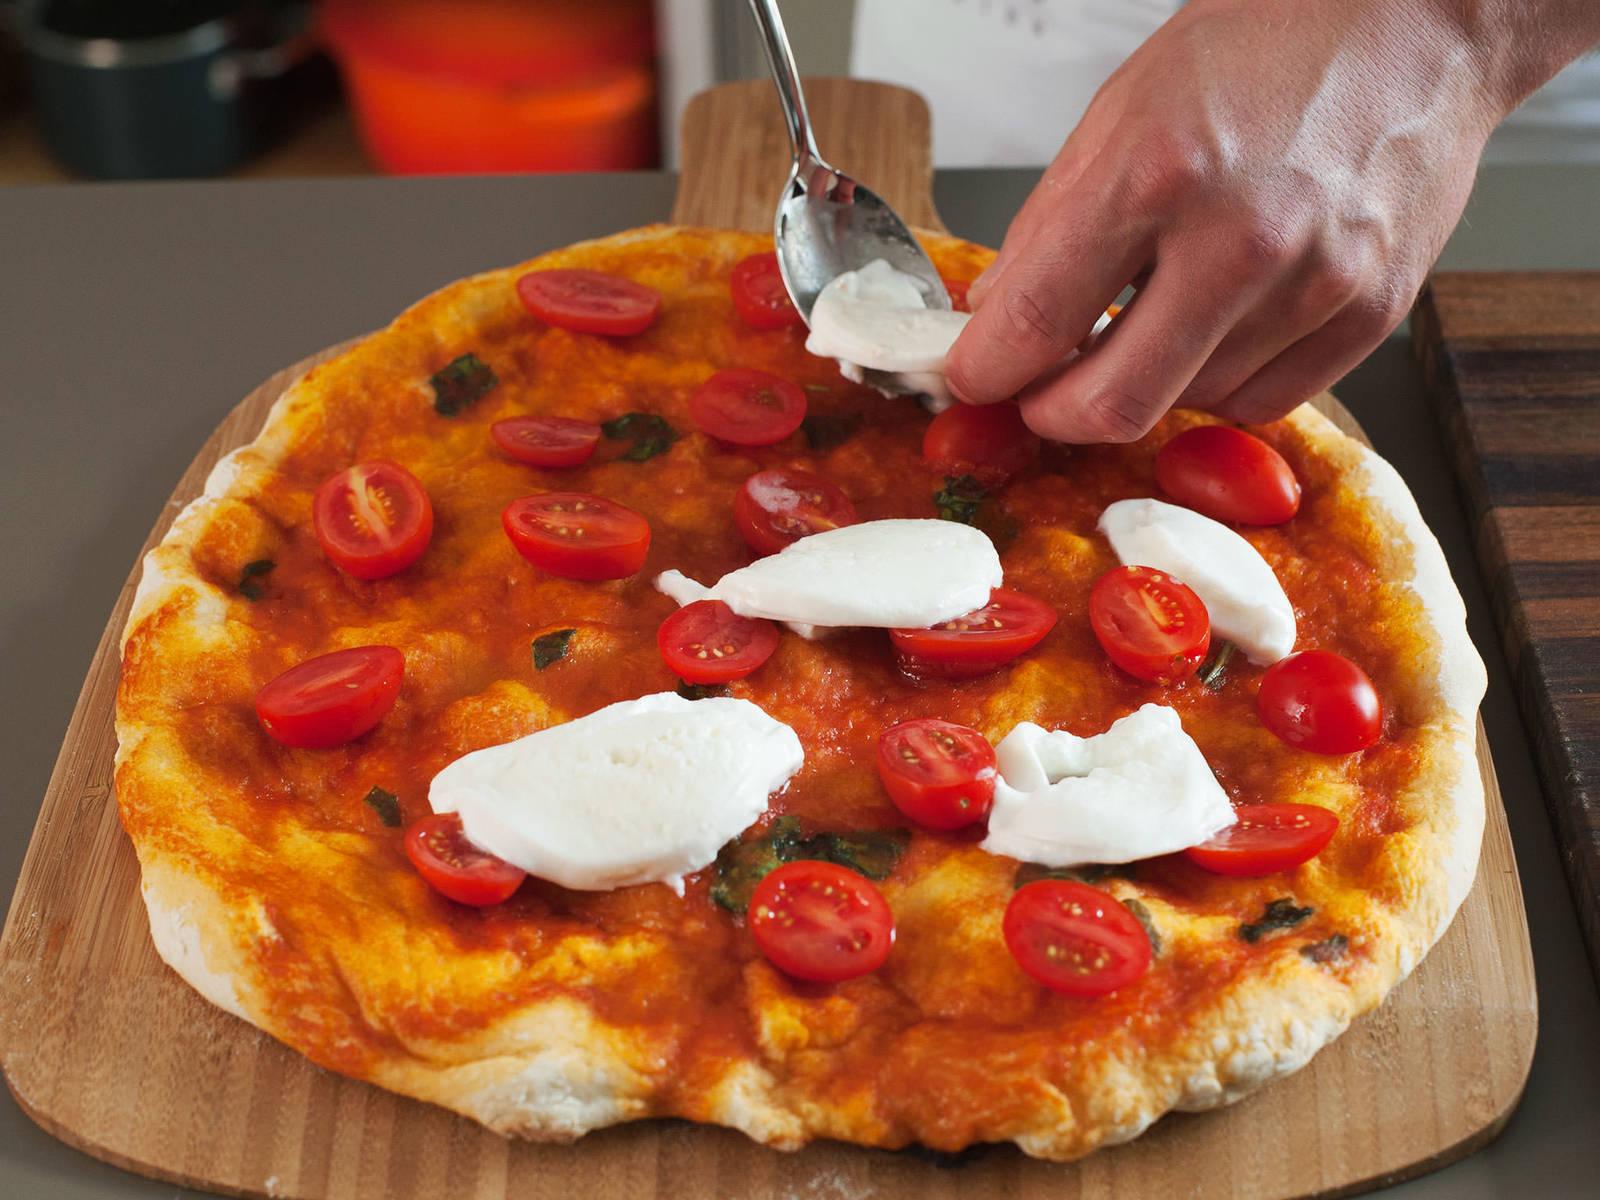 In der Zwischenzeit Kirschtomaten halbieren und Büffelmozzarella in dünne Scheiben schneiden. Pizza aus dem Ofen nehmen und mit Tomaten und Mozzarella belegen. Belegte Pizza zurück in den Ofen geben und für weitere 6 - 7 min. backen, bis der Käse geschmolzen und der Rand goldbraun ist.